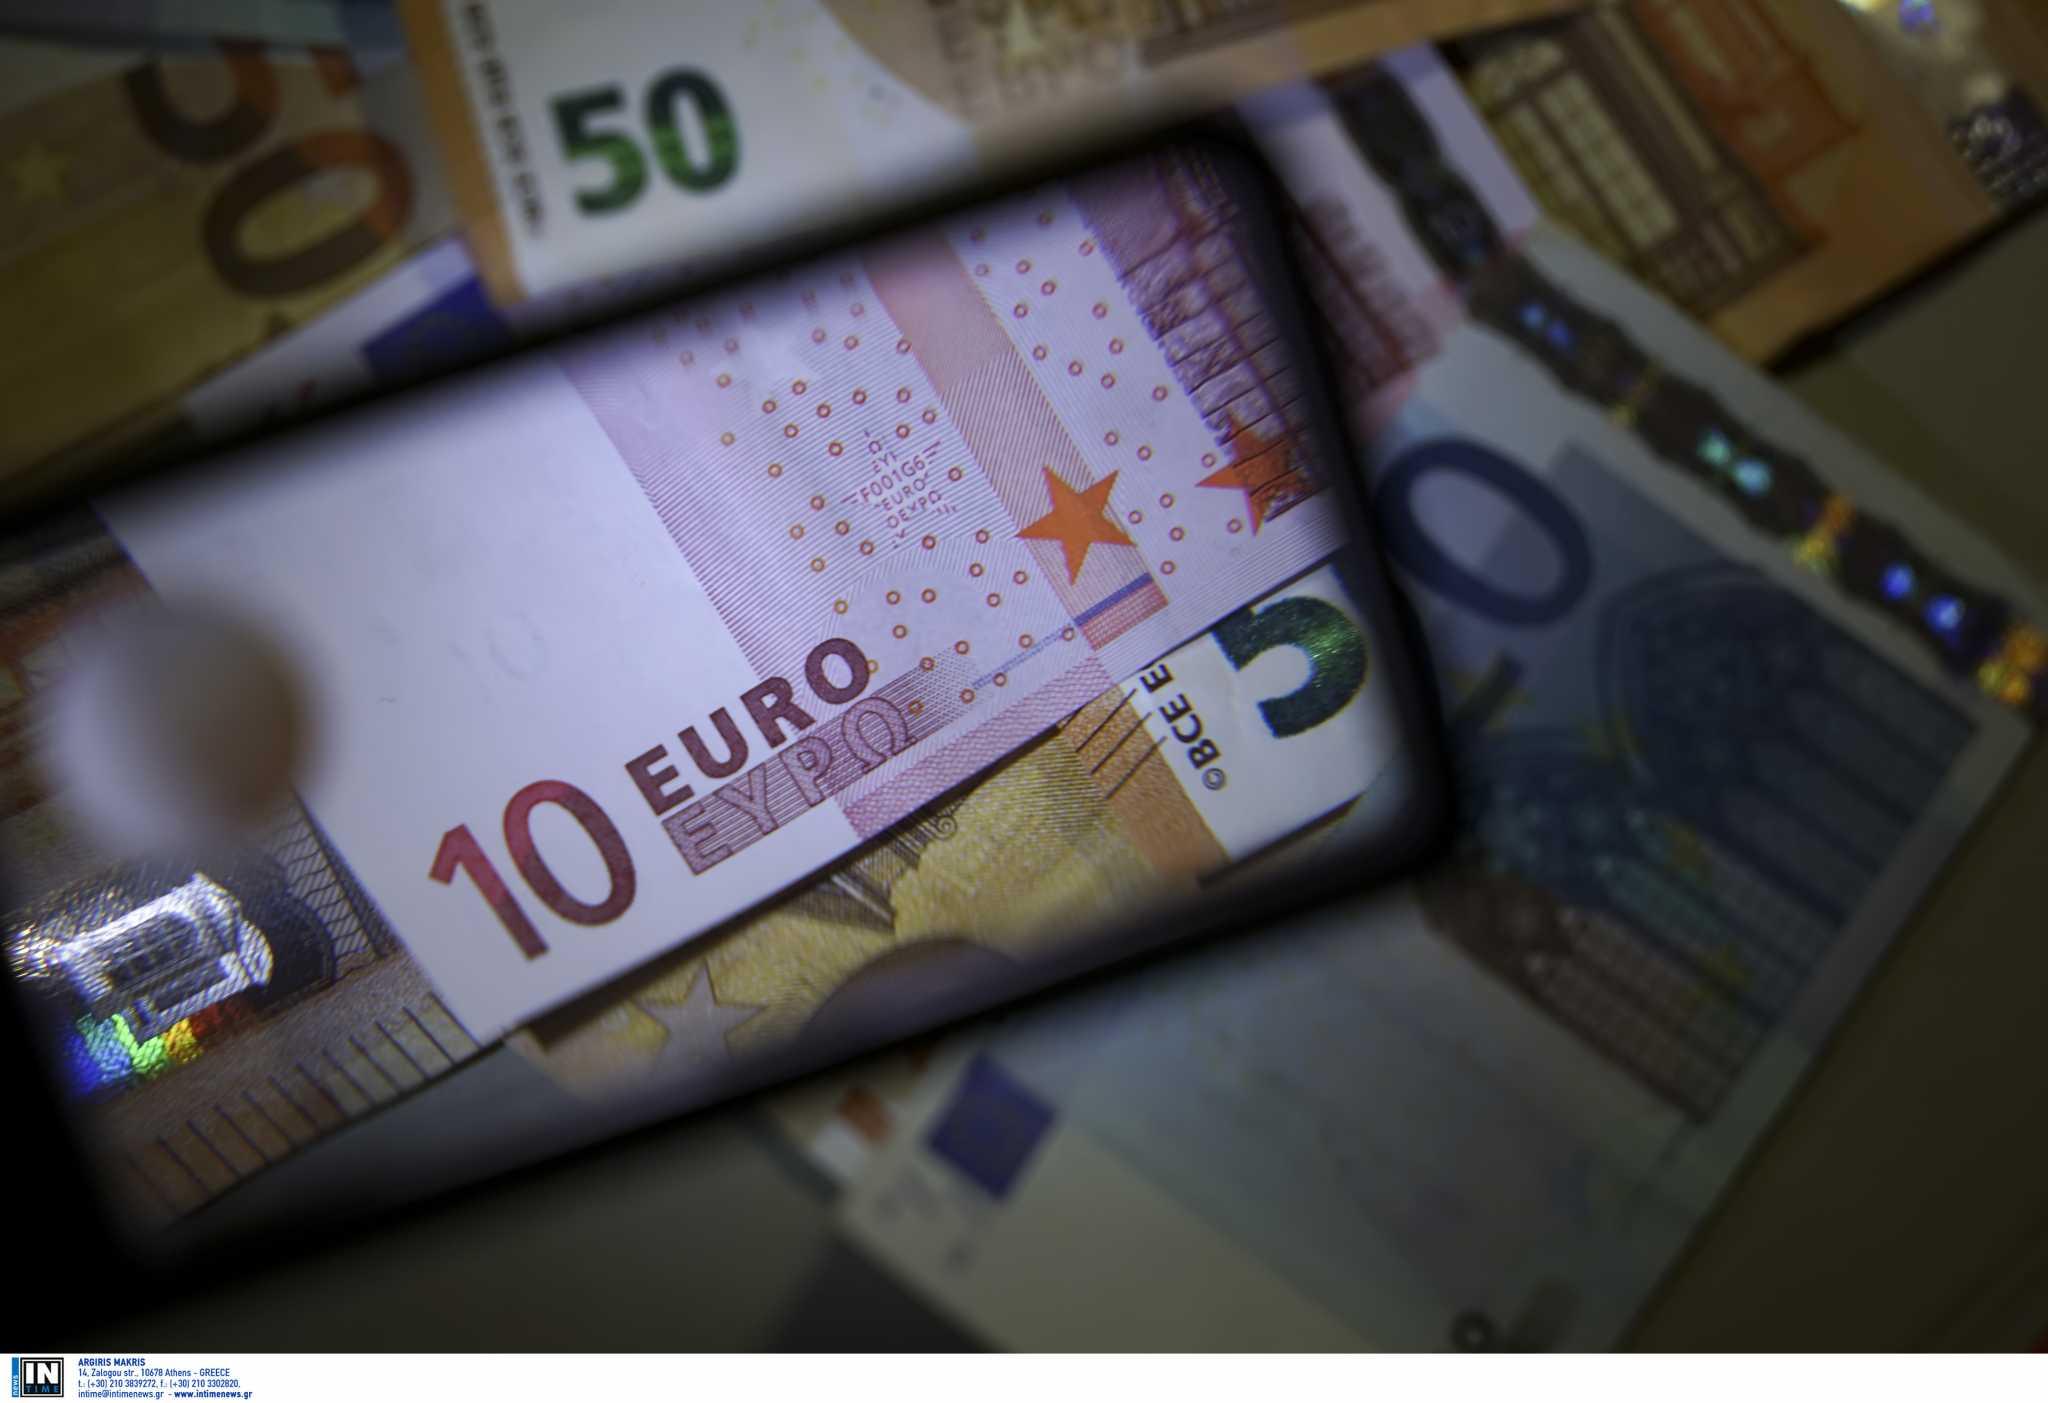 Τσακλόγλου: Η μεταρρύθμιση της επικουρικής ασφάλισης θα εφαρμοστεί την 1η Ιανουαρίου 2022